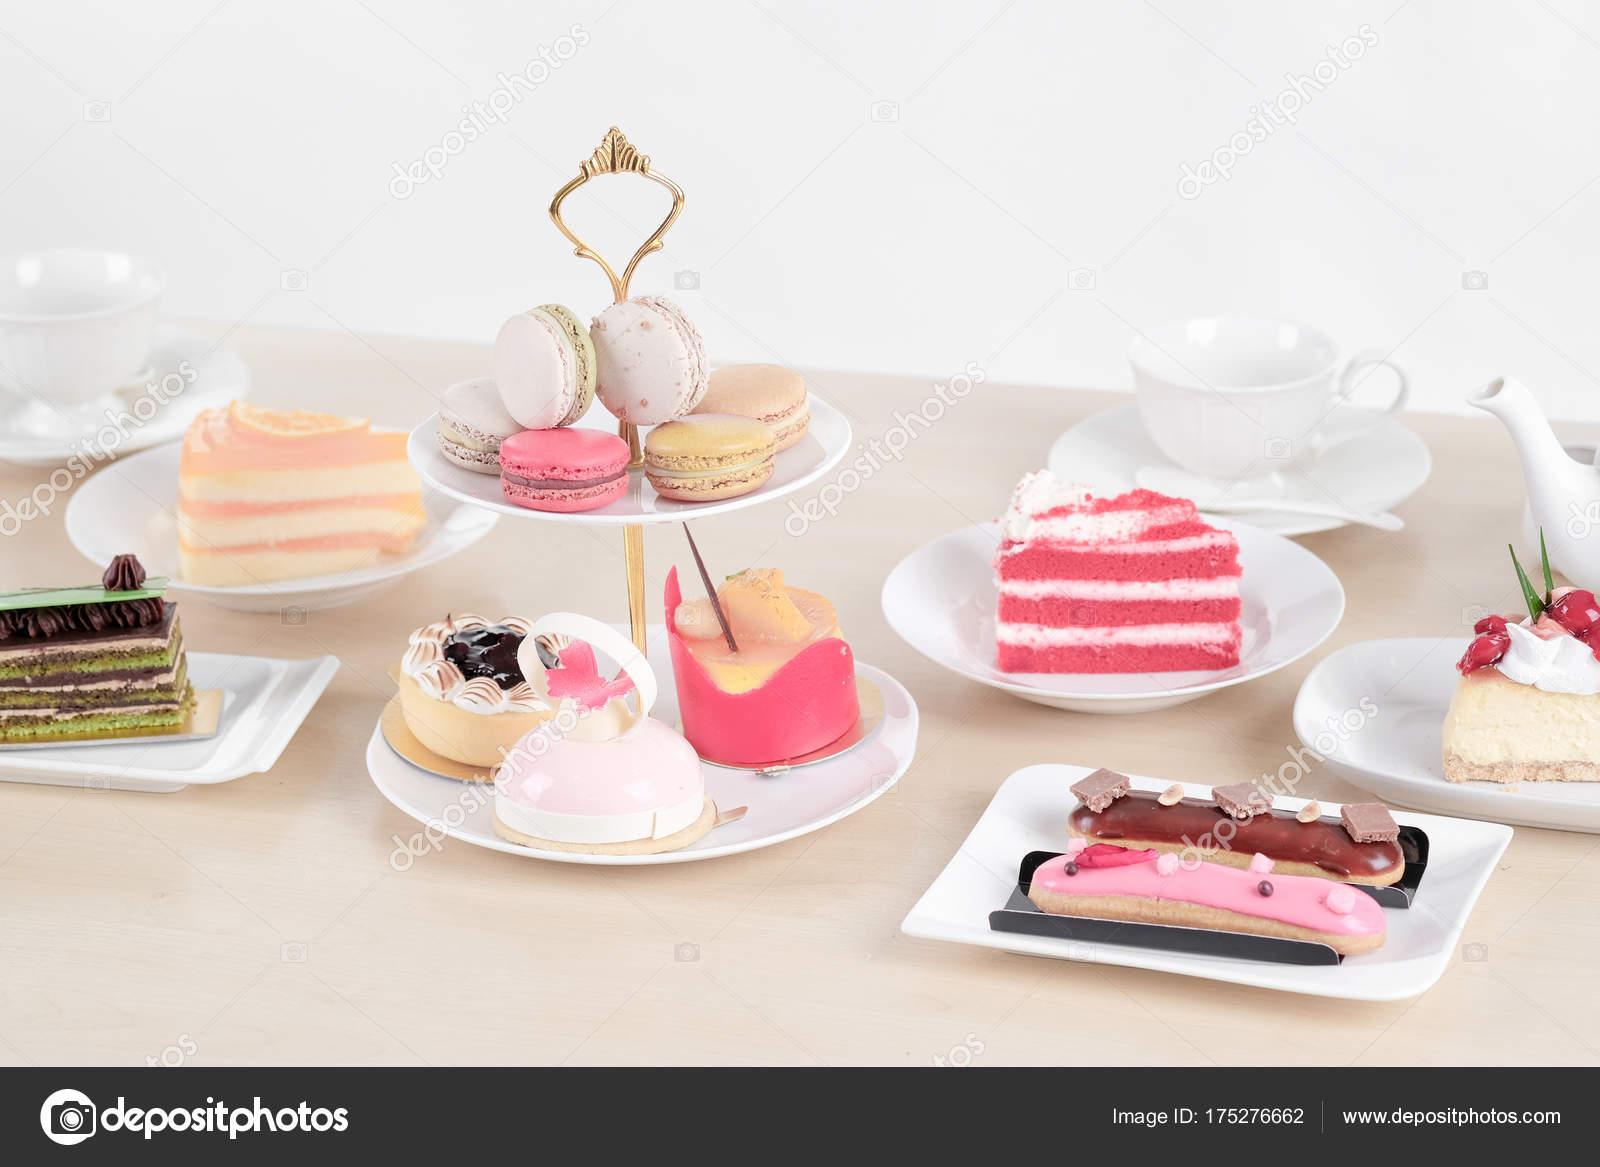 Schöne Kuchen Und Dessert Auf Holztisch Pastellfarben Soft Fokus U2014 Stockfoto